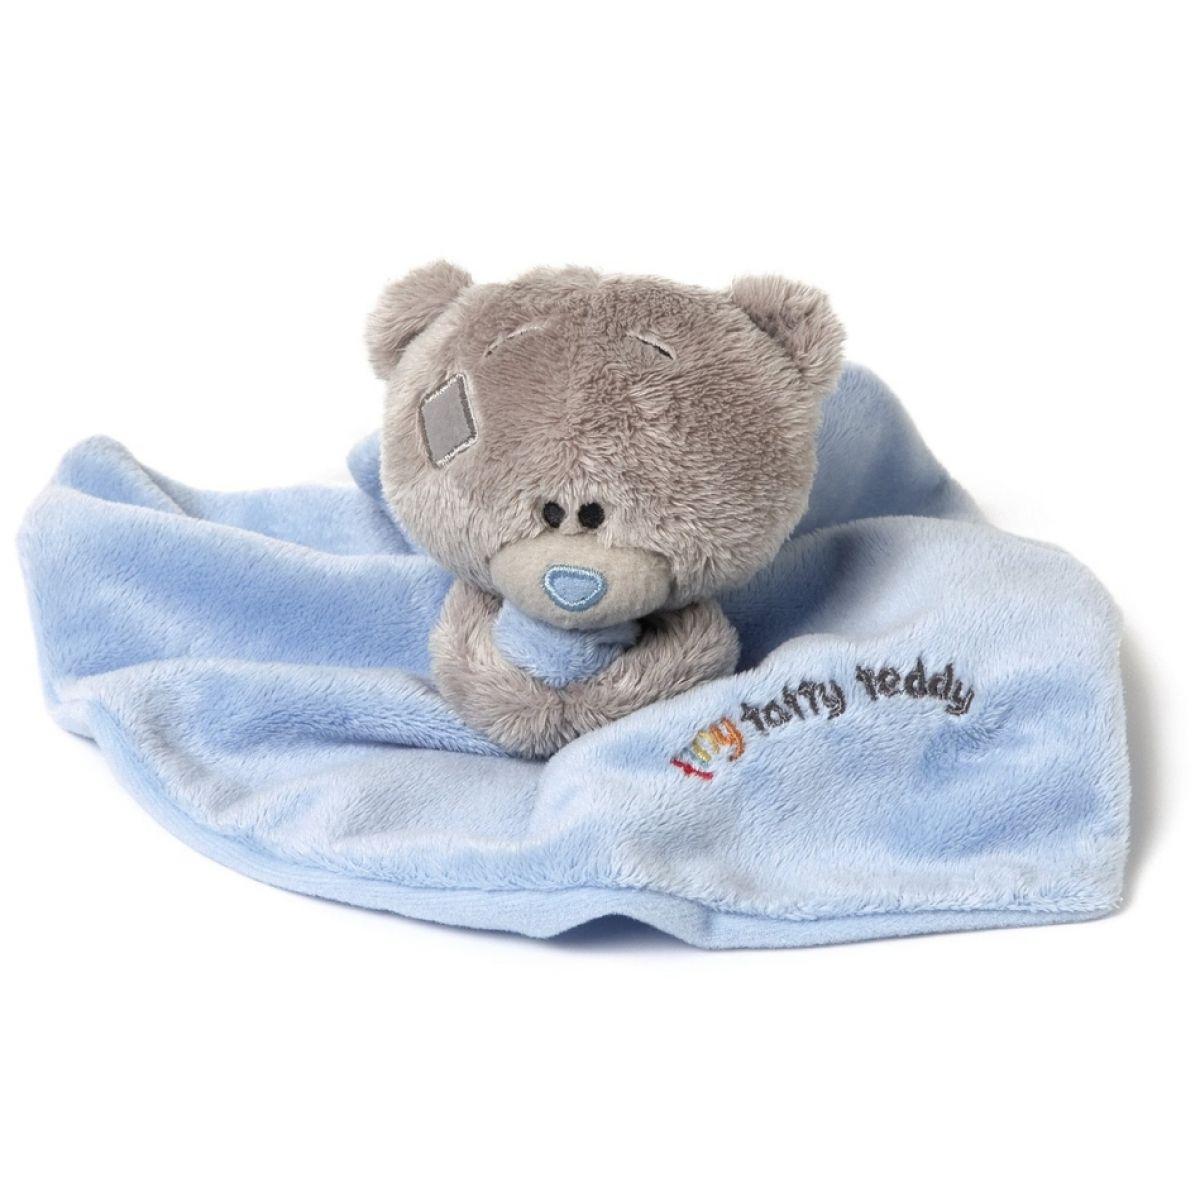 Me to you - Tiny Tatty Teddy - Modrá dečka s medvídkem